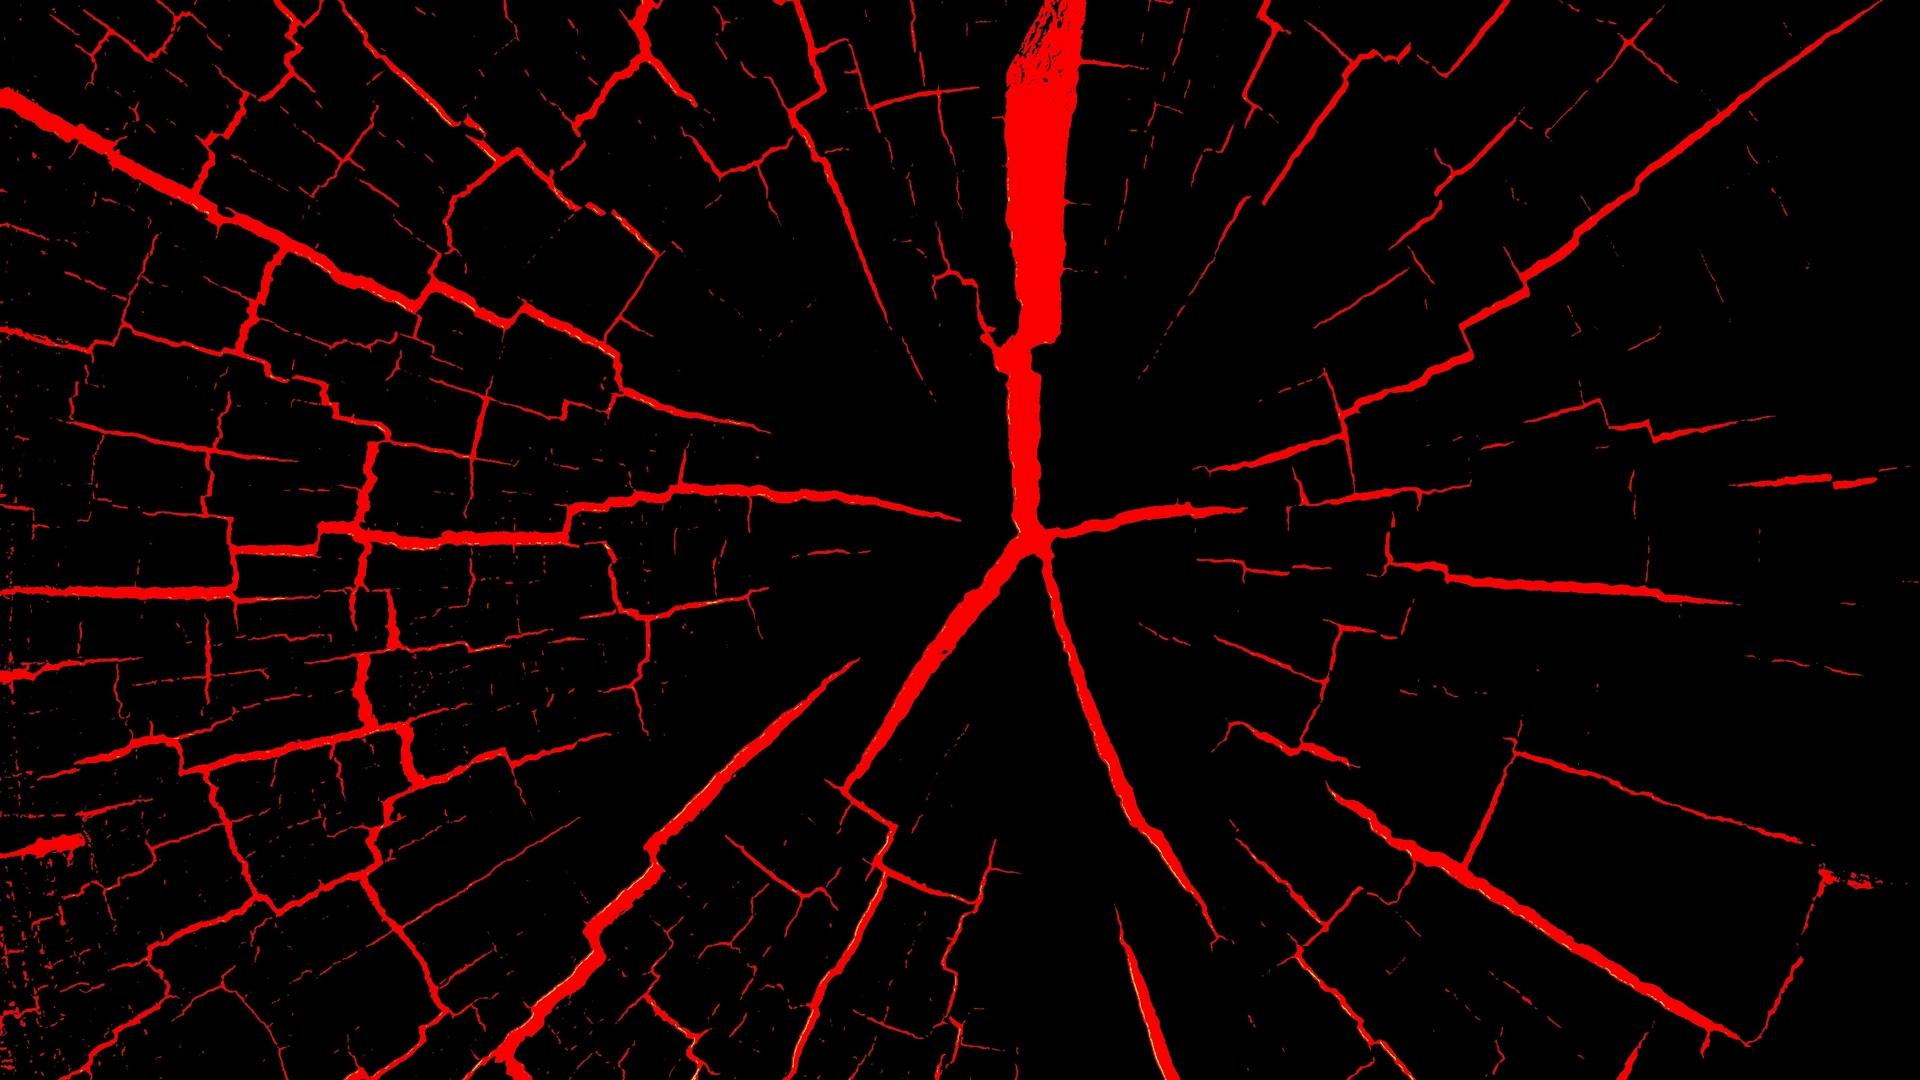 Download wallpaper 1920x1080 cranny red black full hd